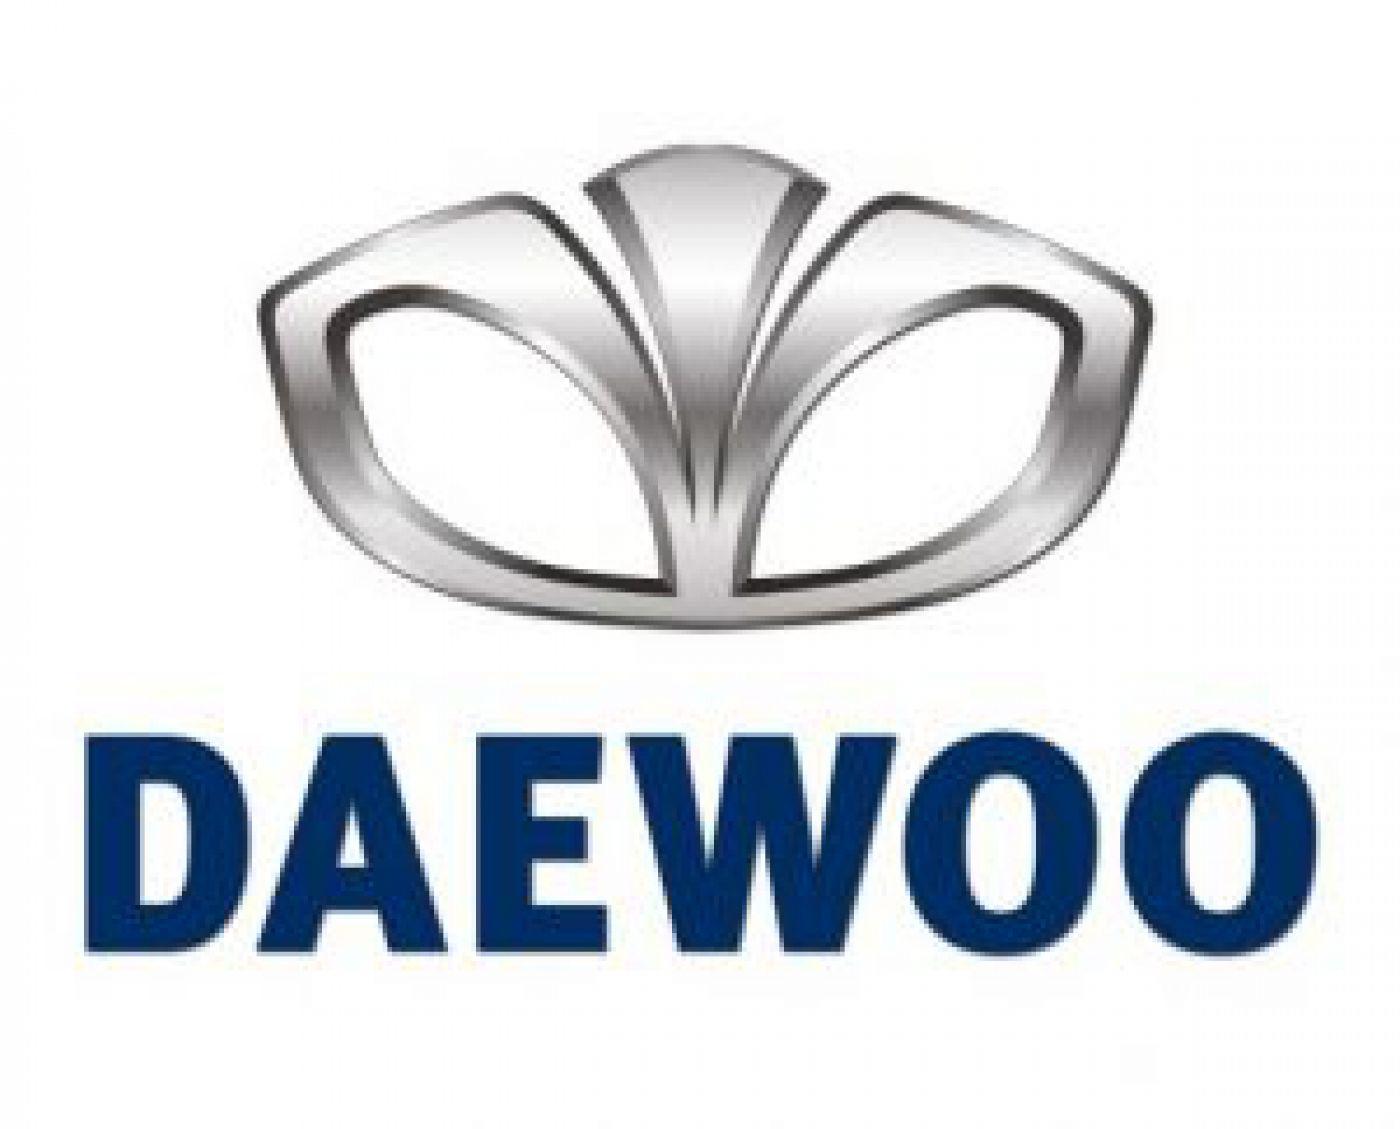 Gía Đầu kéo Deawoo gắn cẩu mới nhất/2021